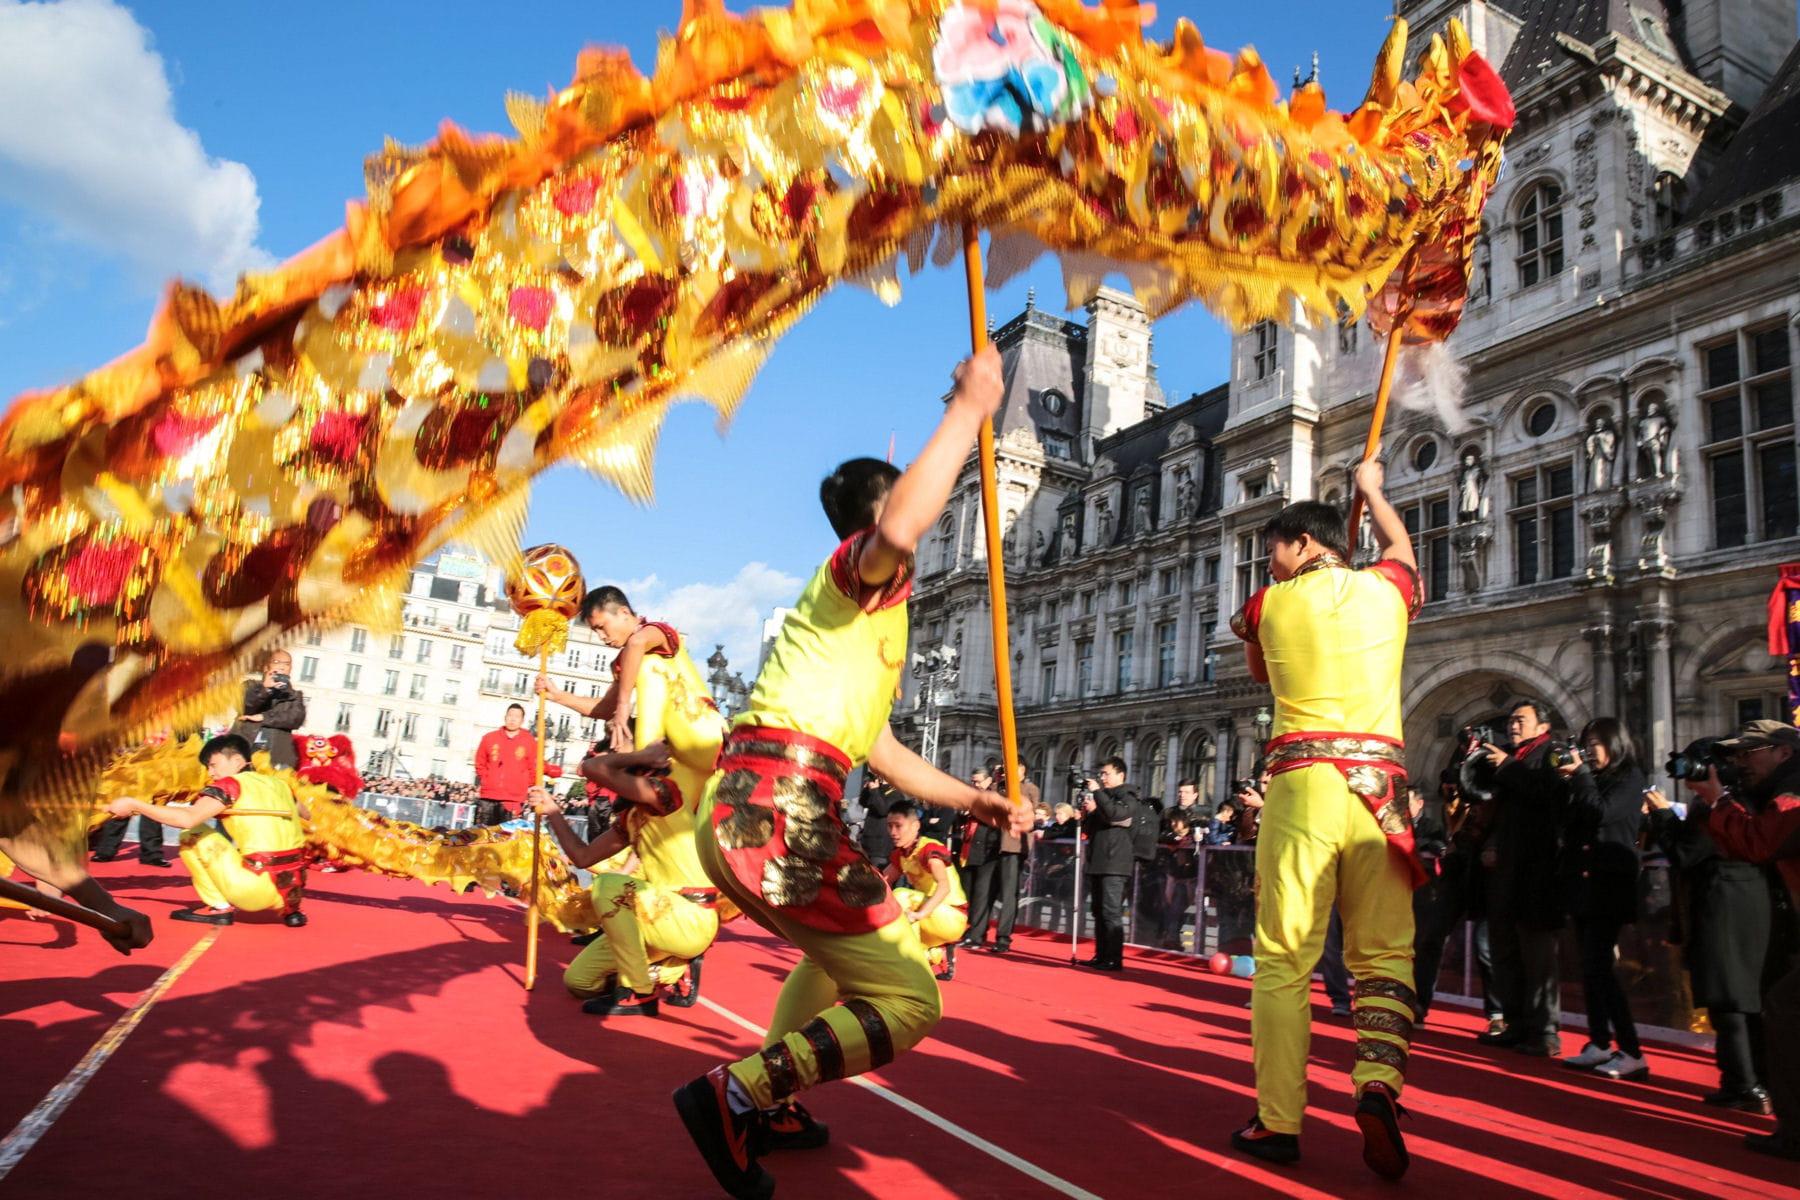 Nouvel an chinois date 2017 d fil signe de l 39 ann e et programme paris - Nouvel an original paris ...